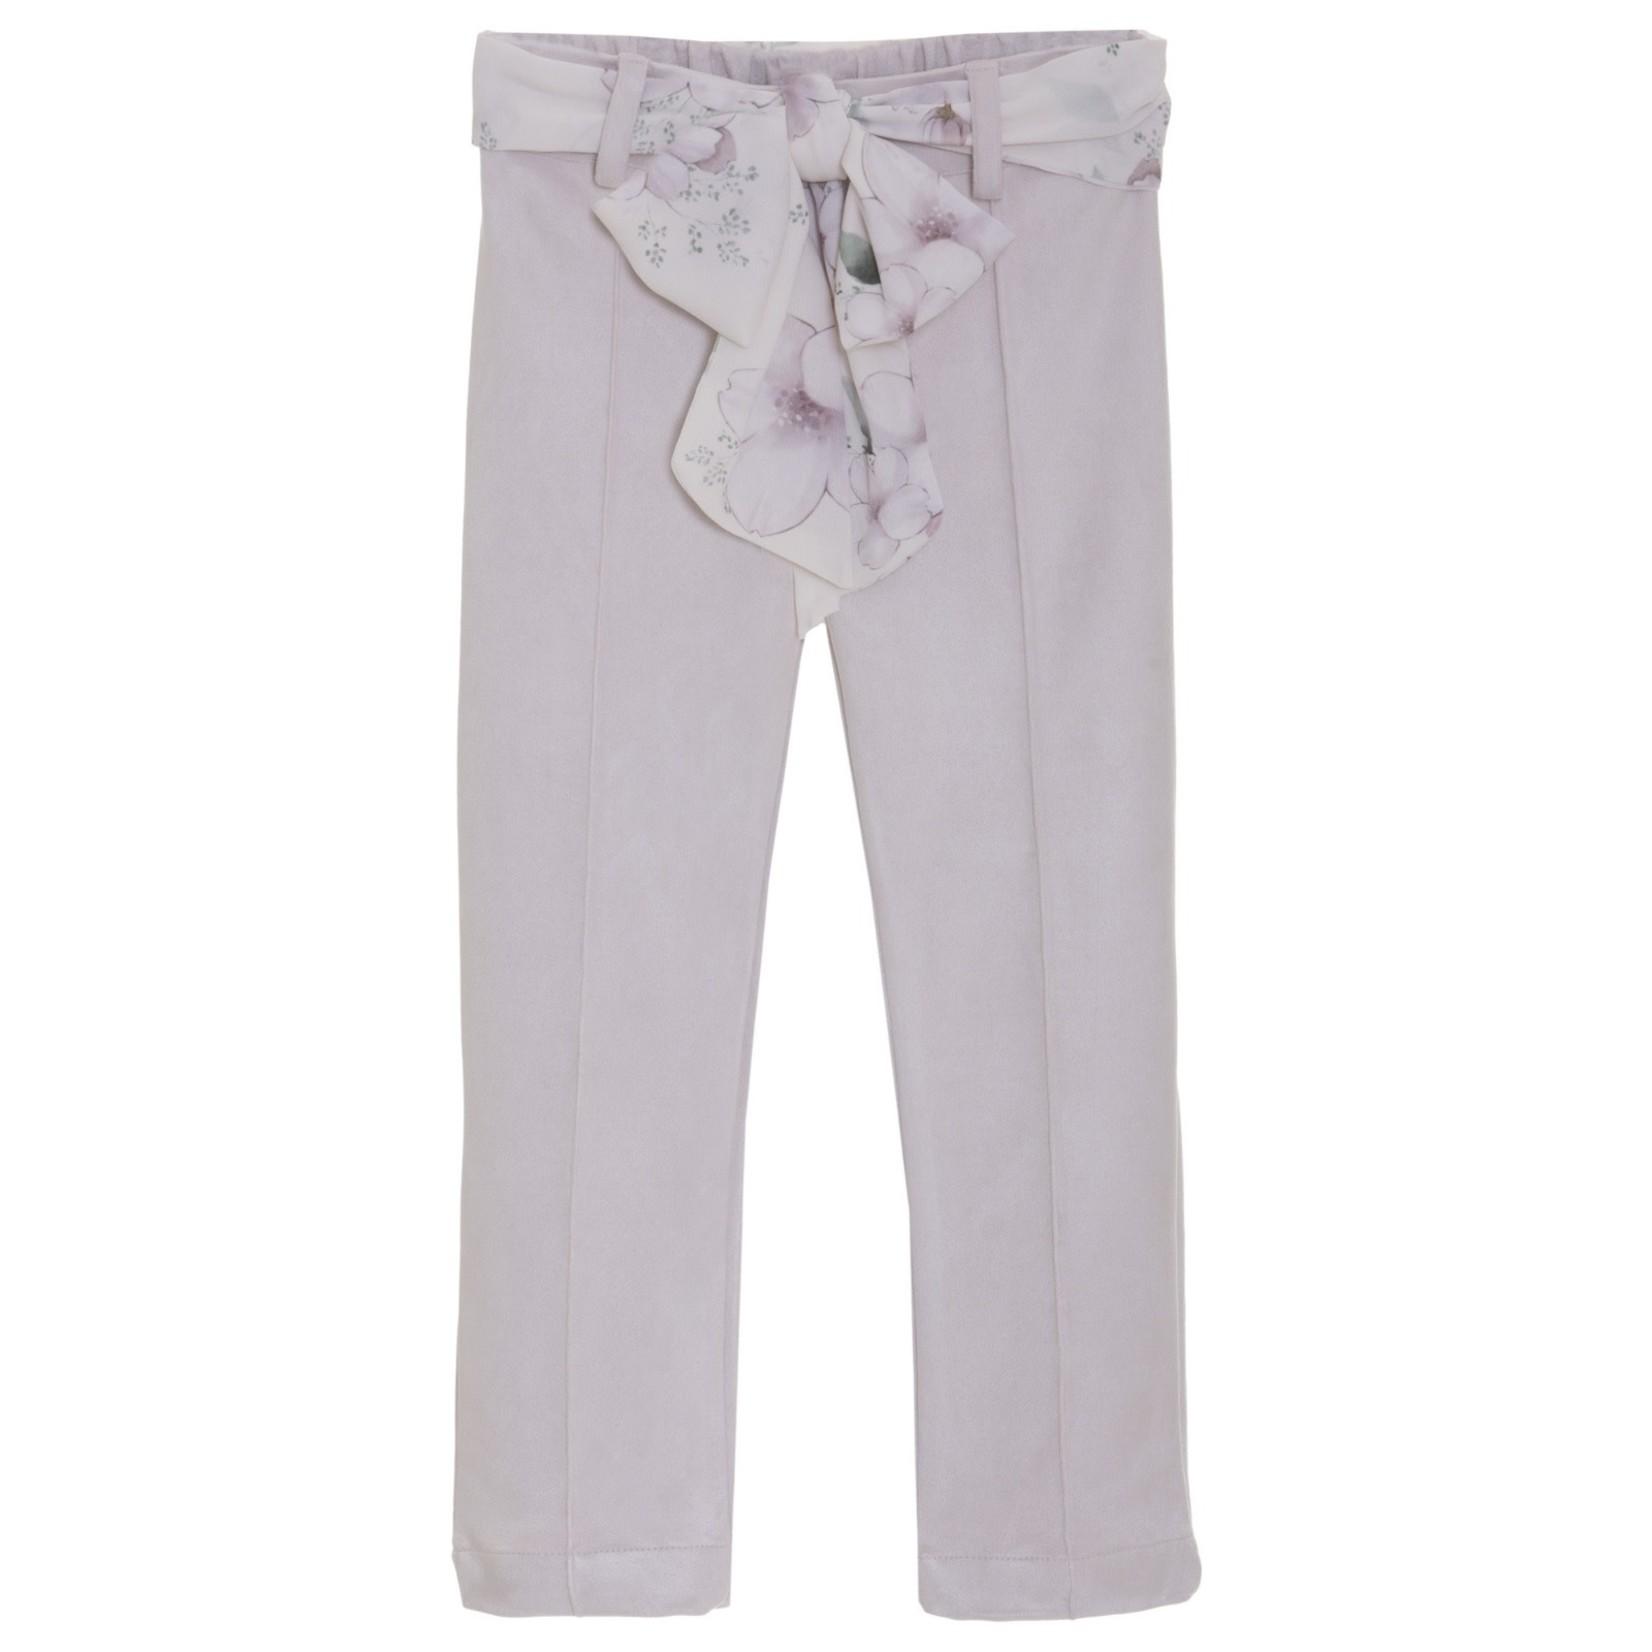 Patachou Pants Suede Floral - Patachou